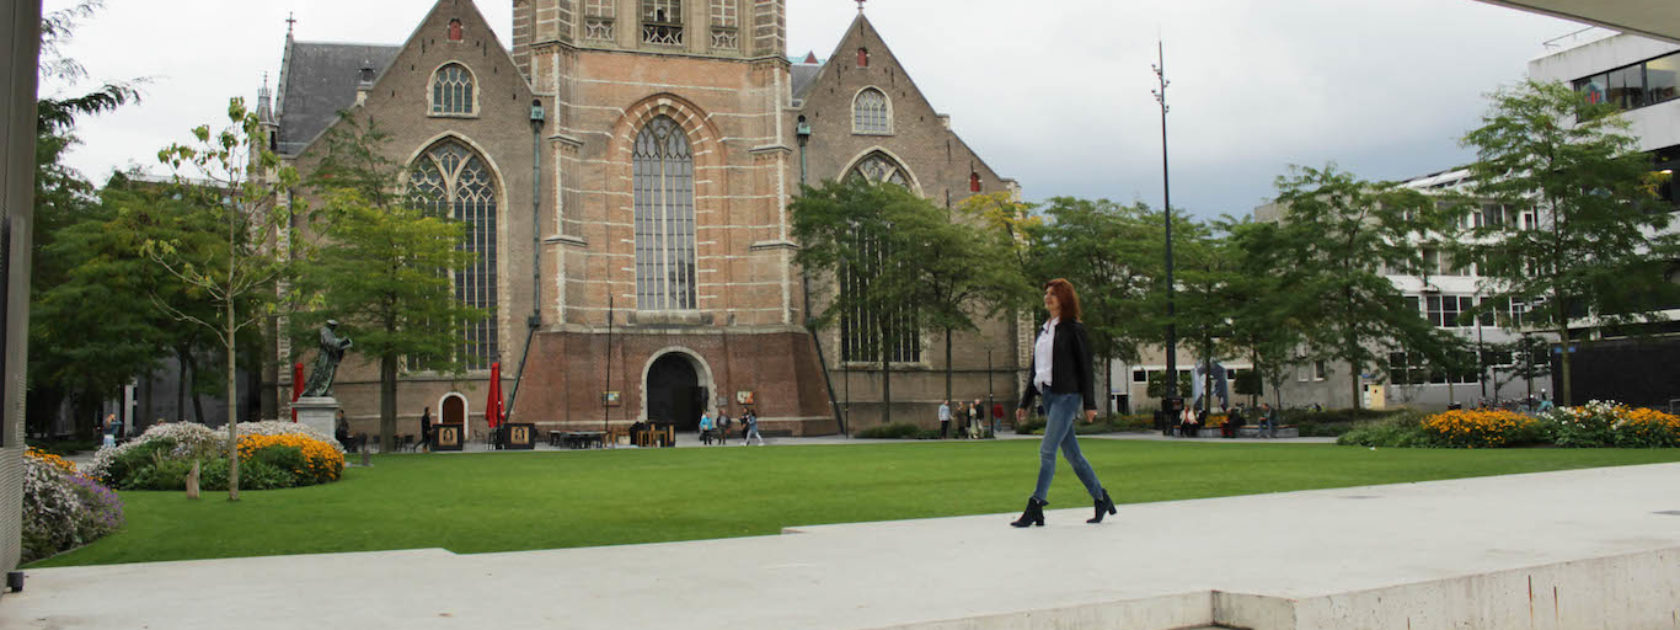 Miranda op de Grotekerkplein in Rotterdam! Zij vertelt over haar favoriete plek in haar woonplaats Rotterdam.